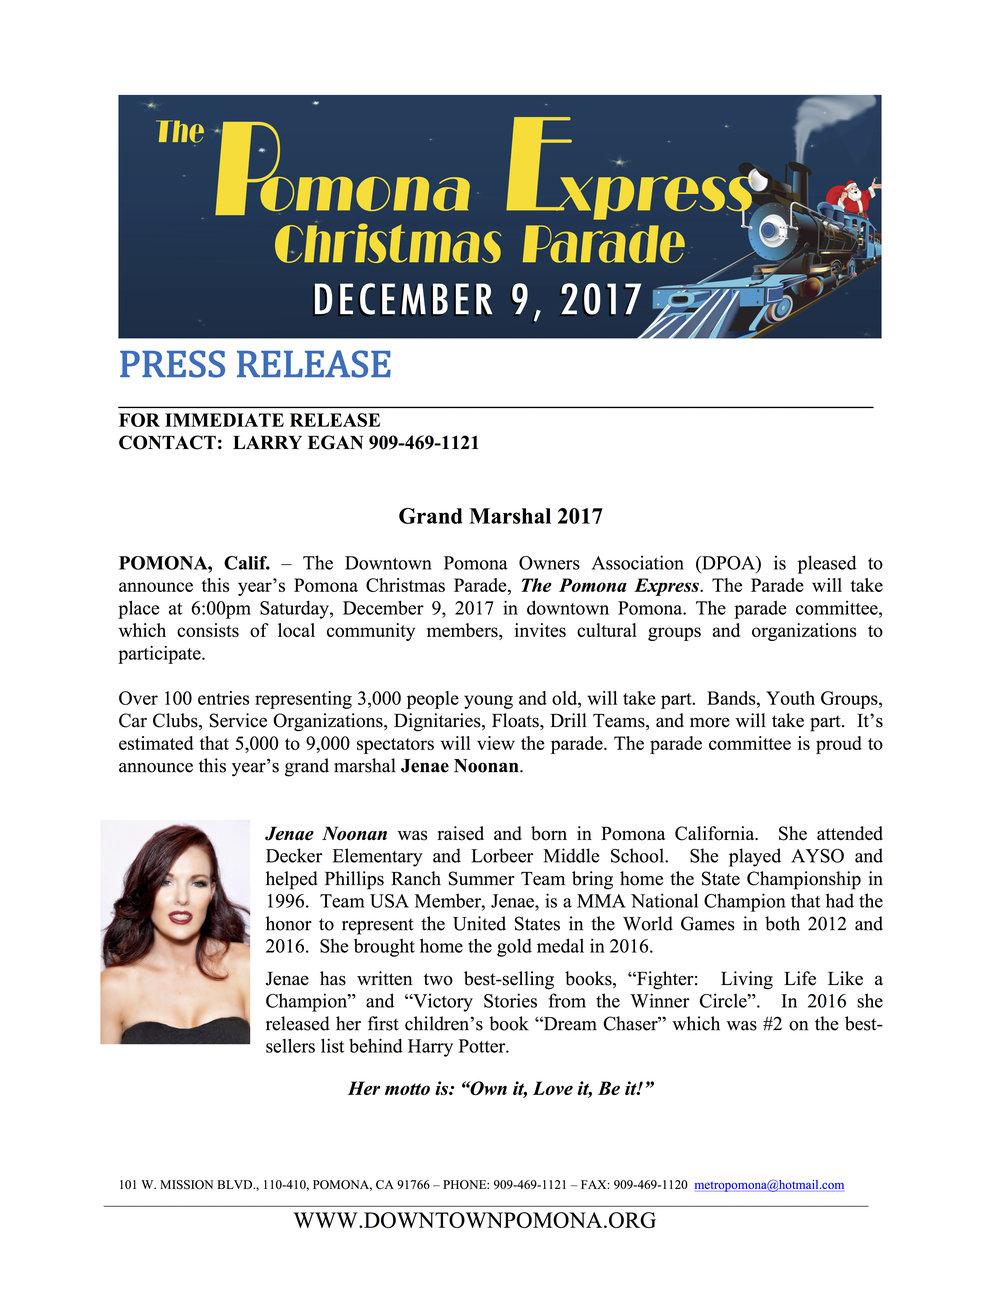 PRESS RELEASE2017.jpg